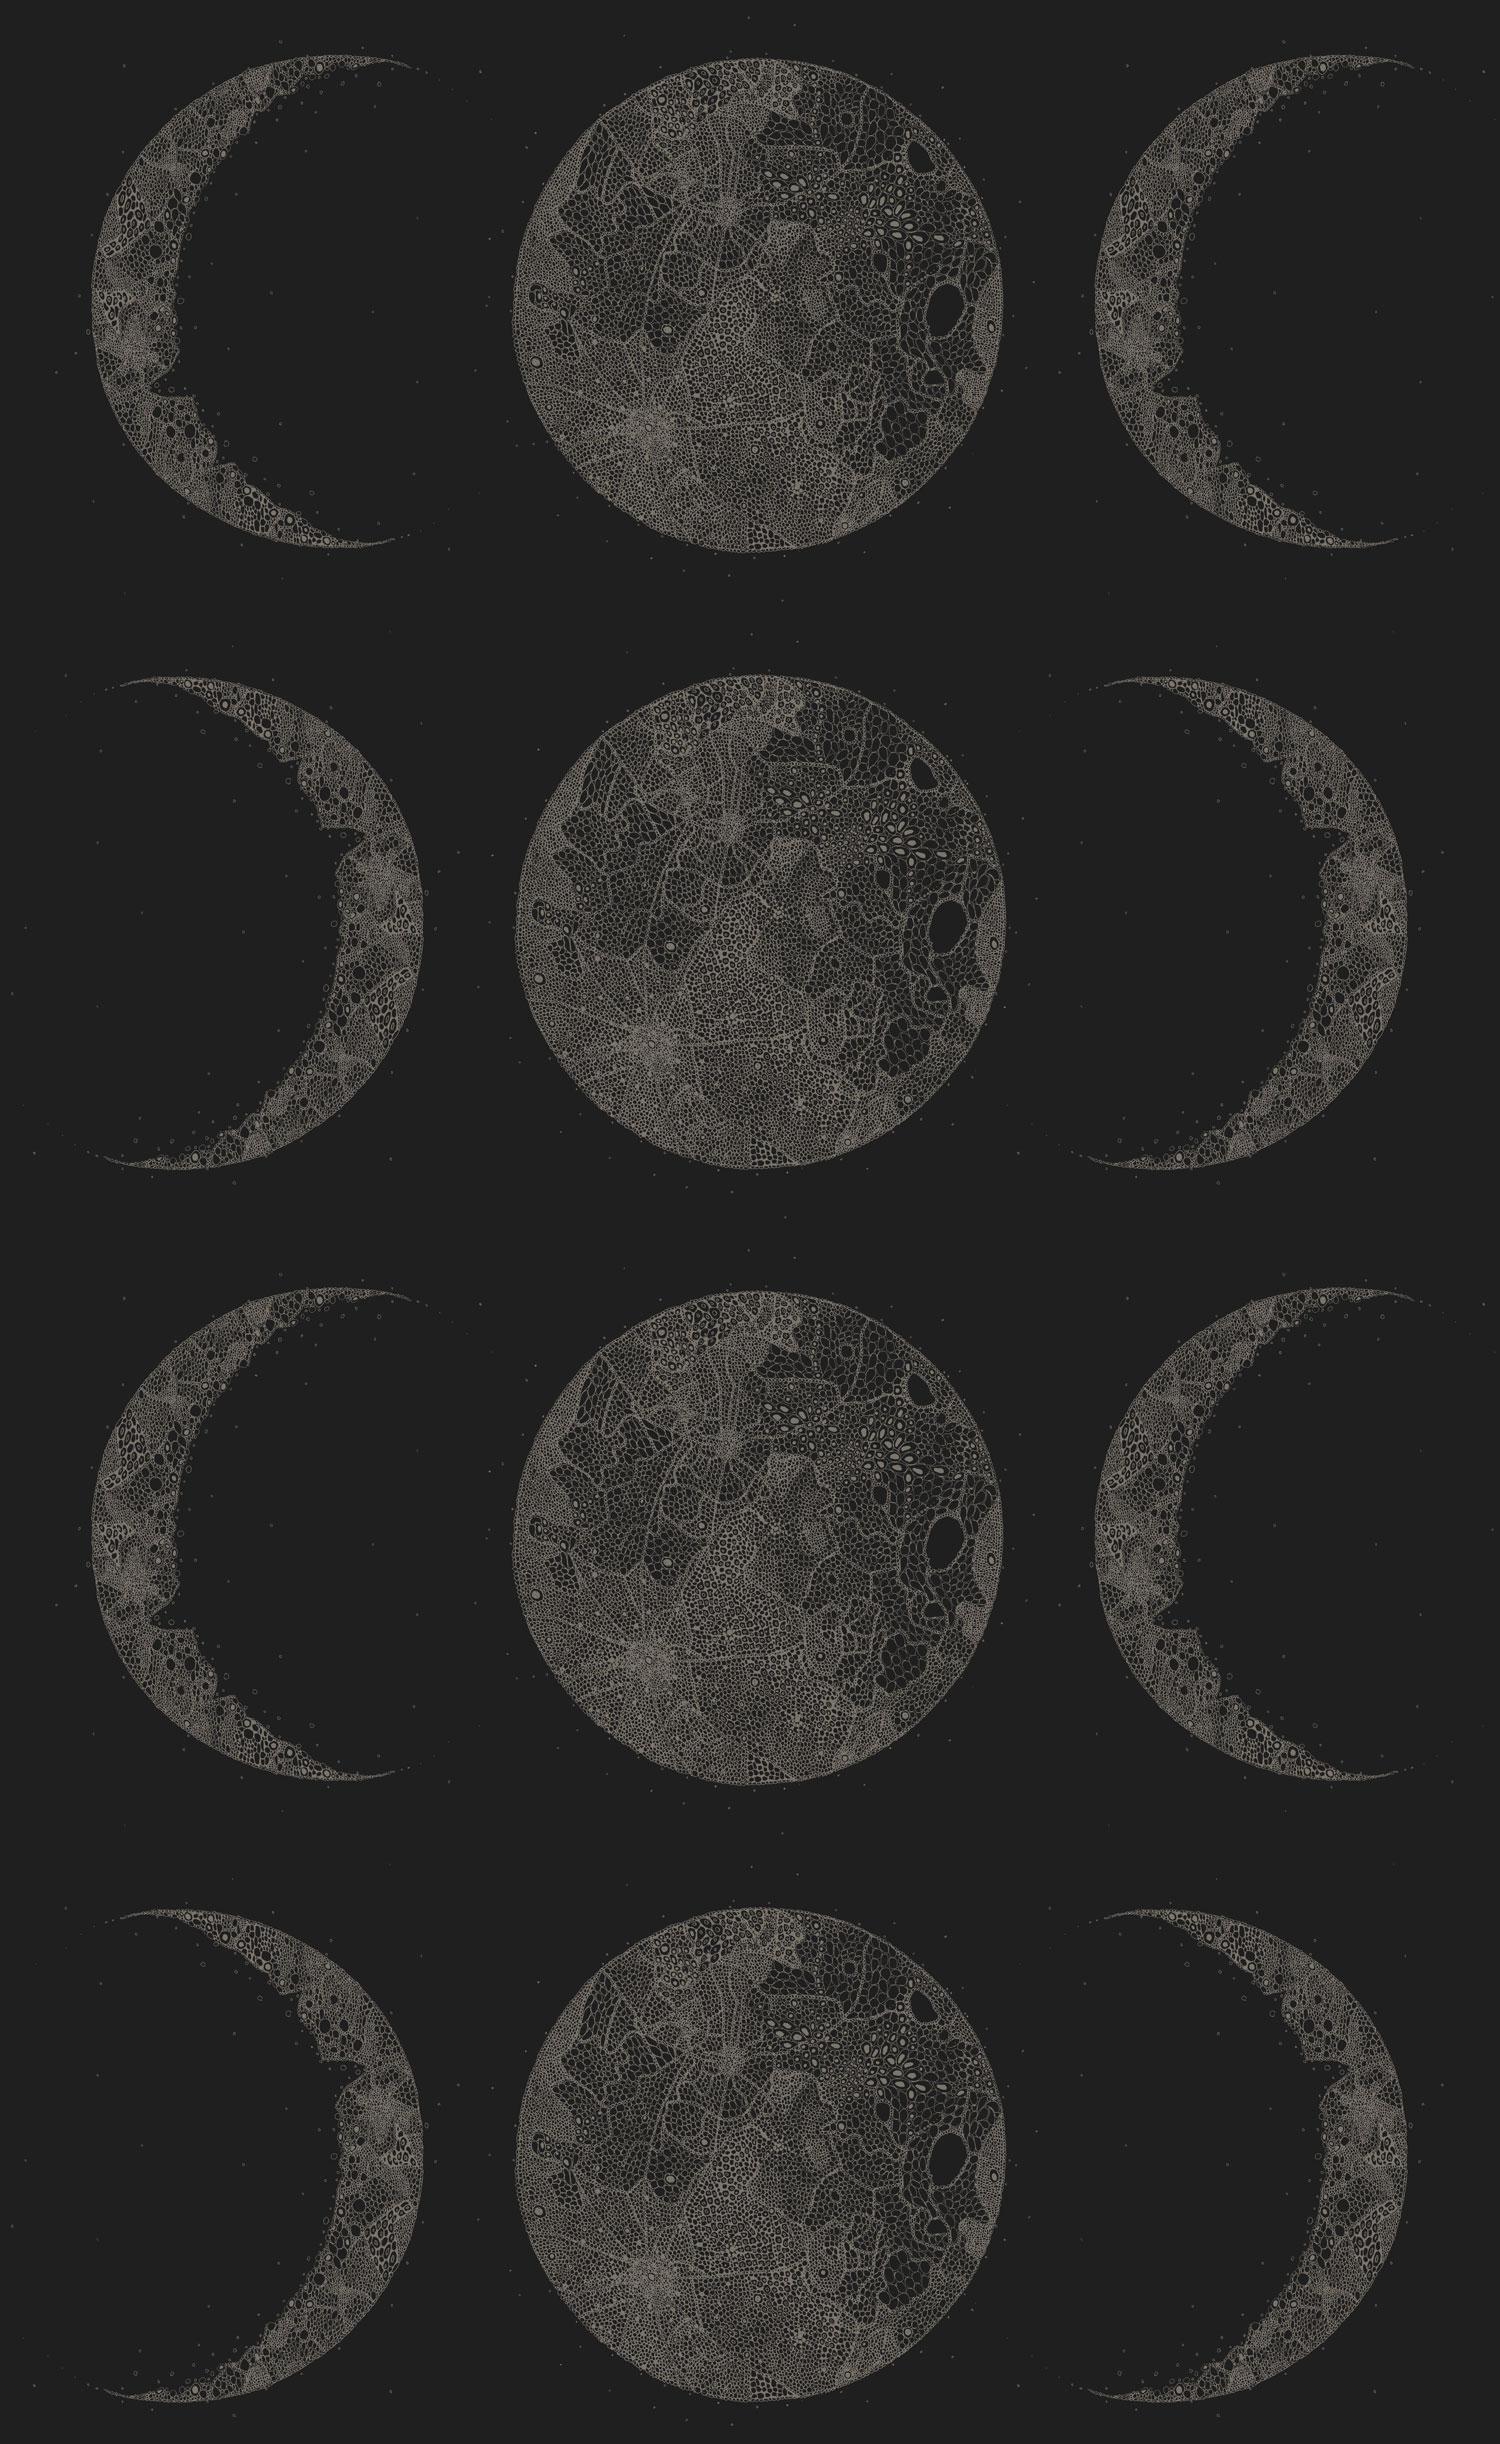 moon_crescent_full_black.jpg